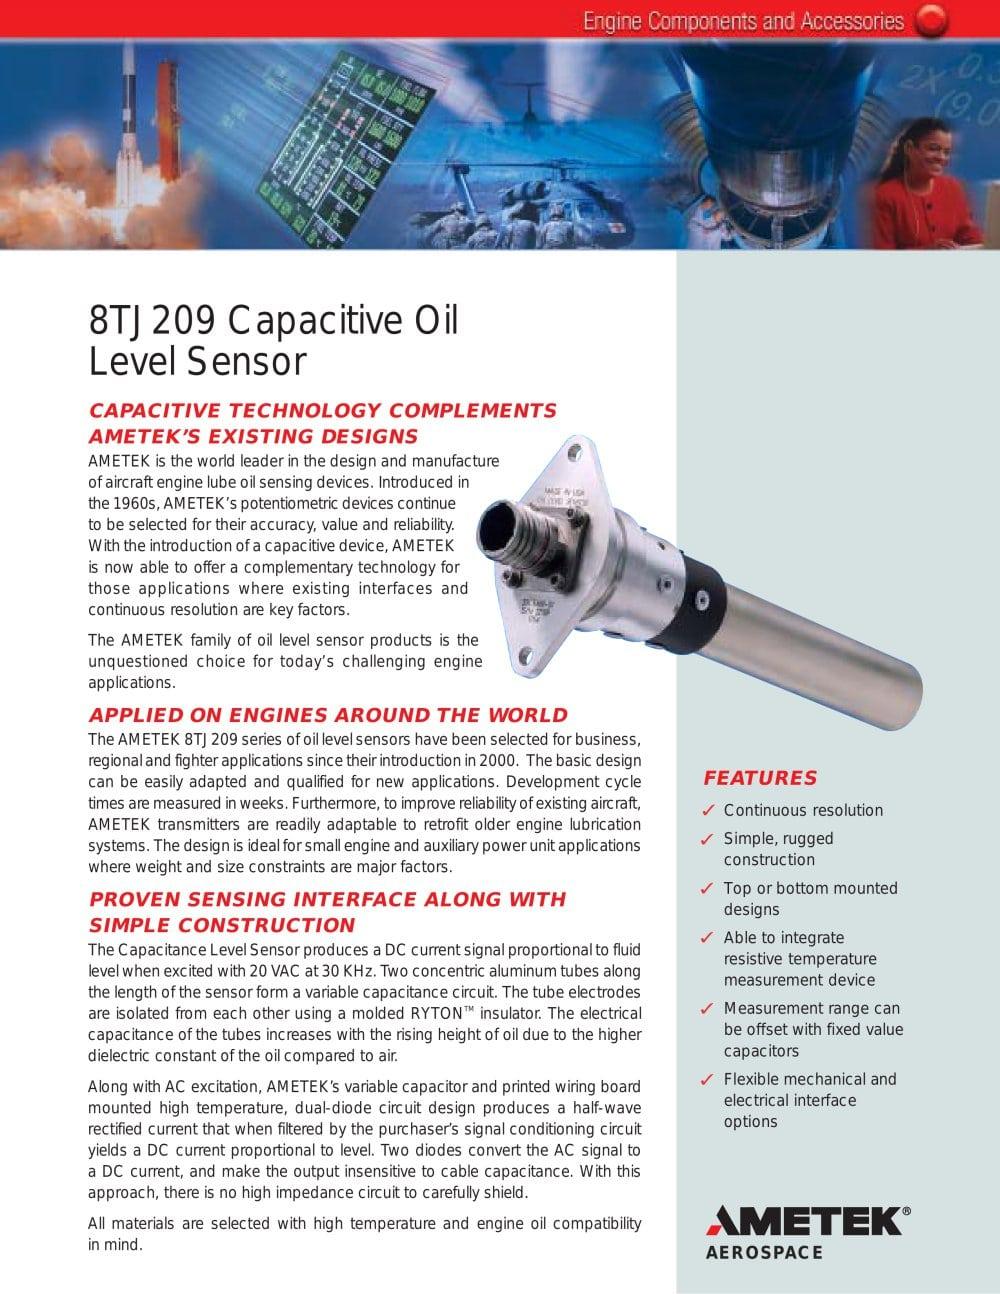 8tj209 Capacitive Oil Level Sensor Ametek Fluid Management Systems 1 2 Pages